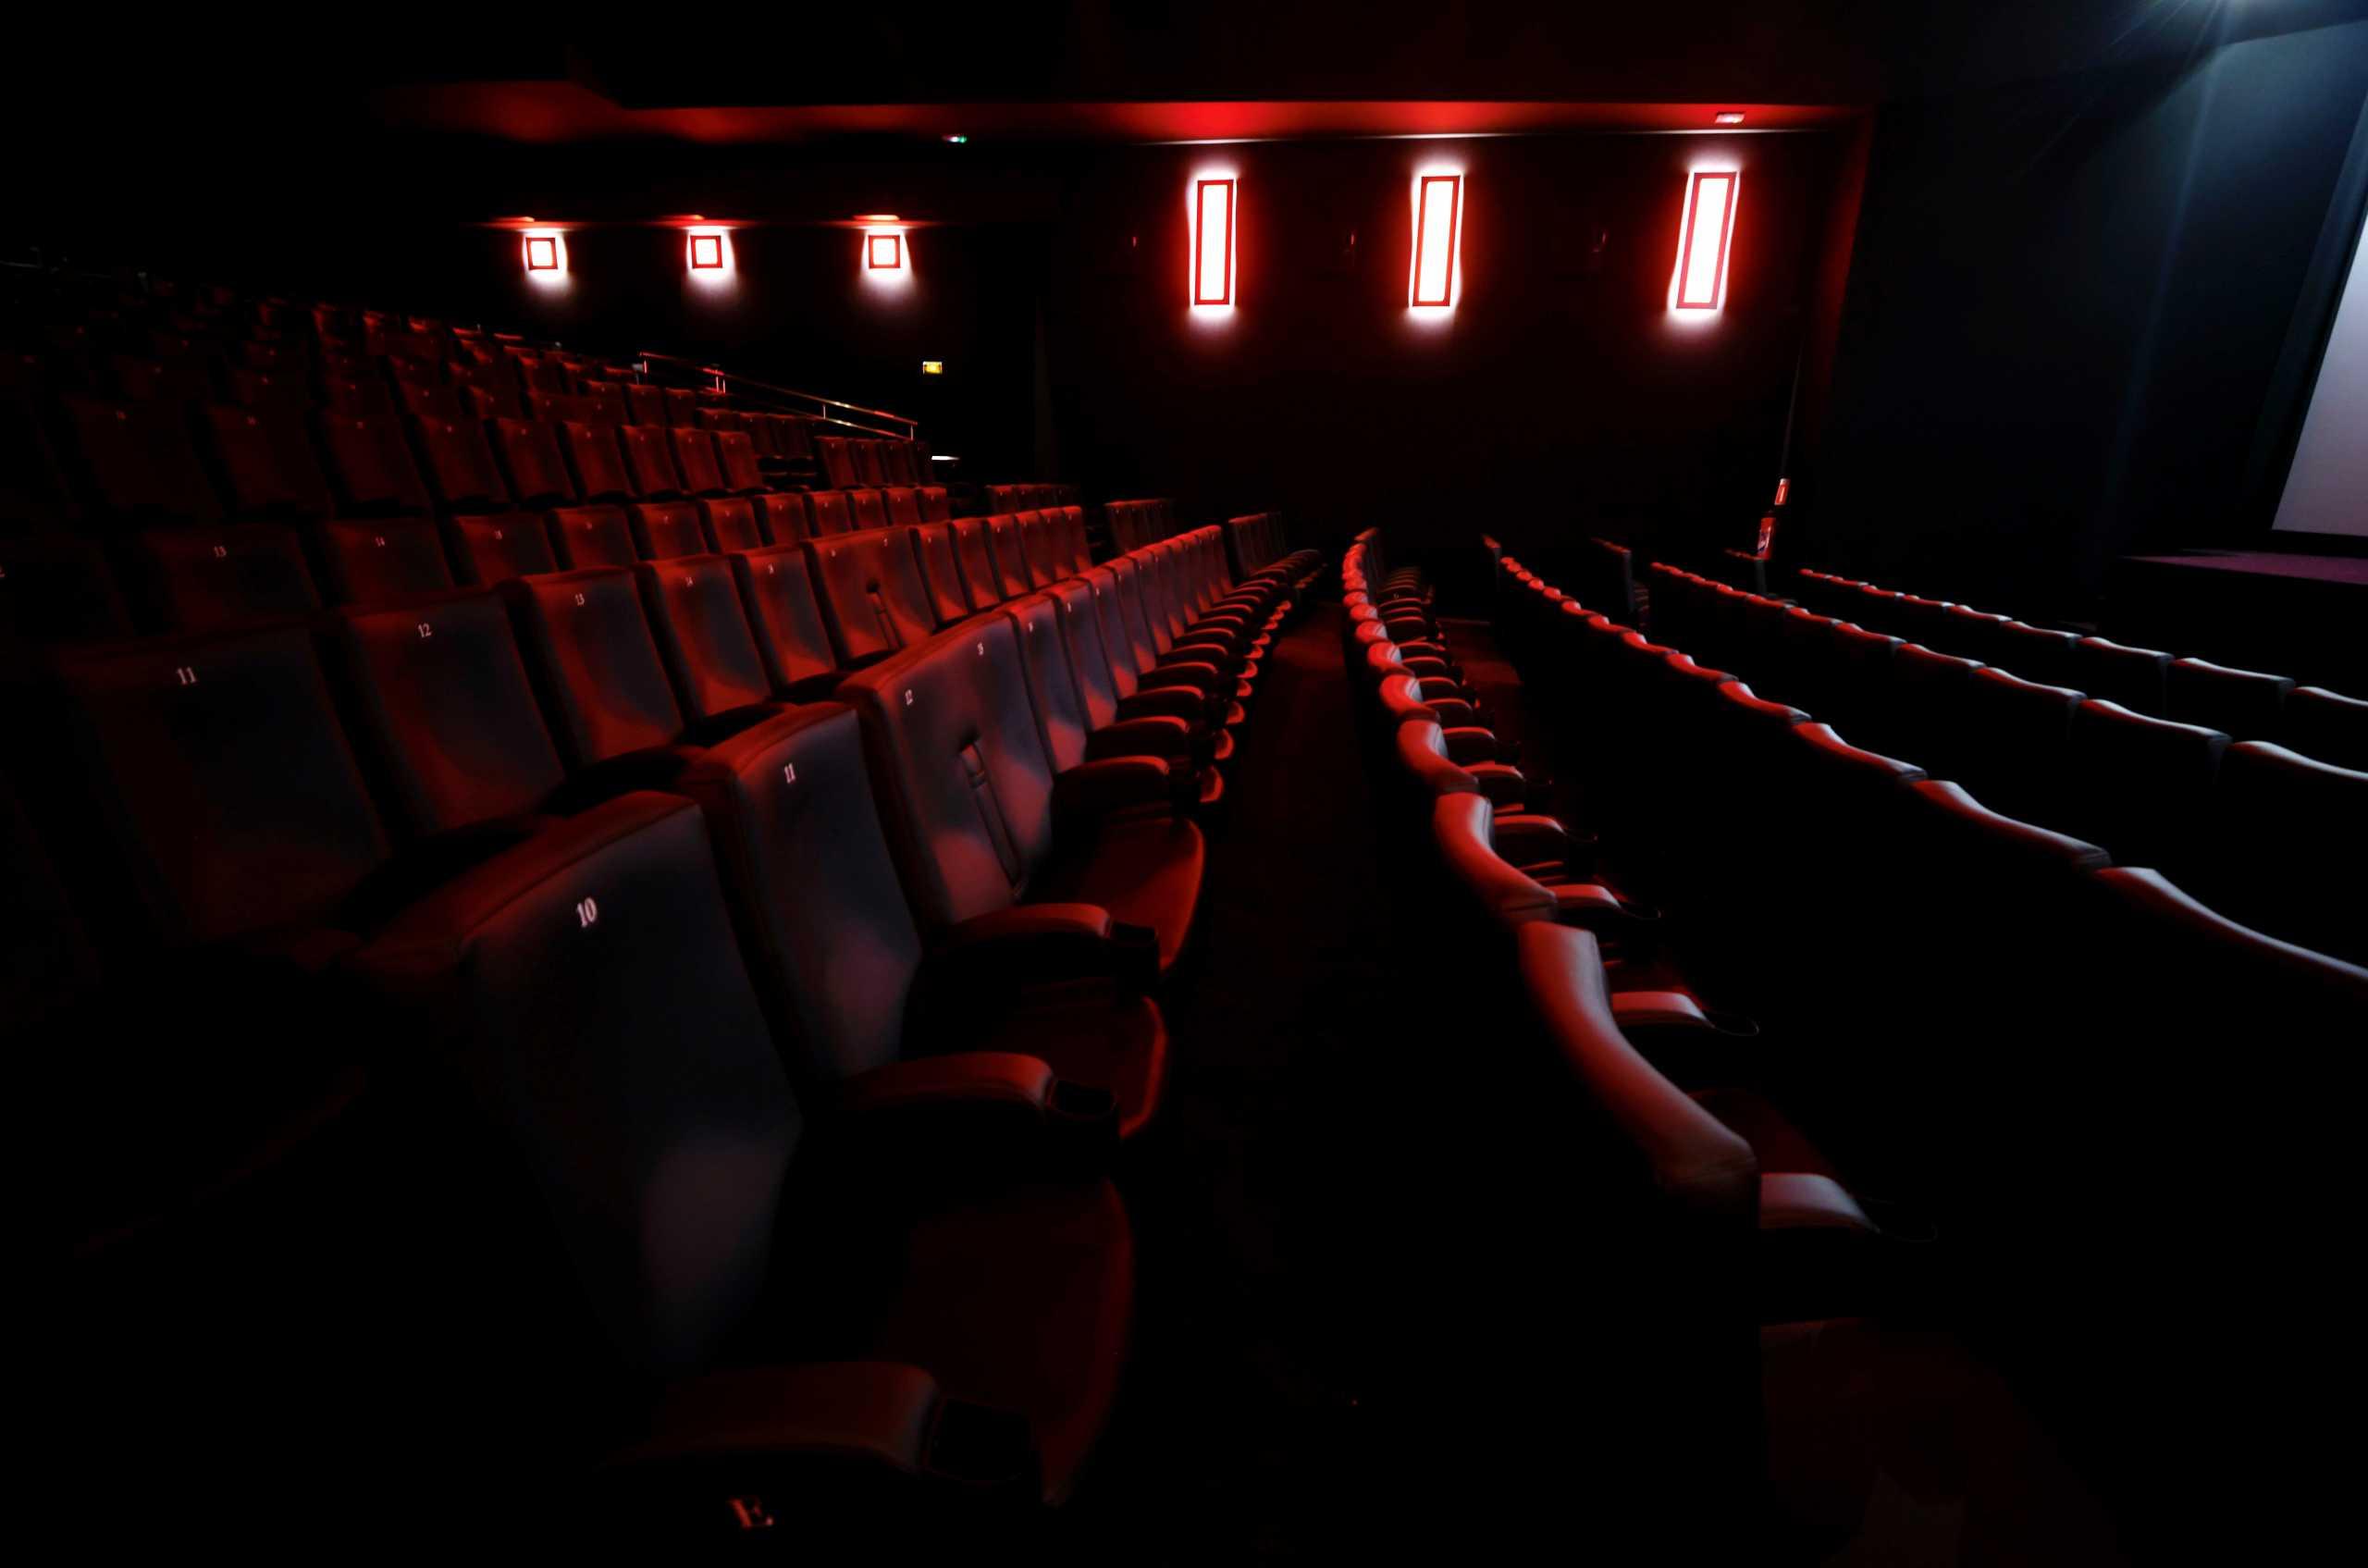 Άρση μέτρων: Ανοίγουν και οι κλειστοί κινηματογράφοι από την 1η Ιουλίου – Τι άλλο αλλάζει